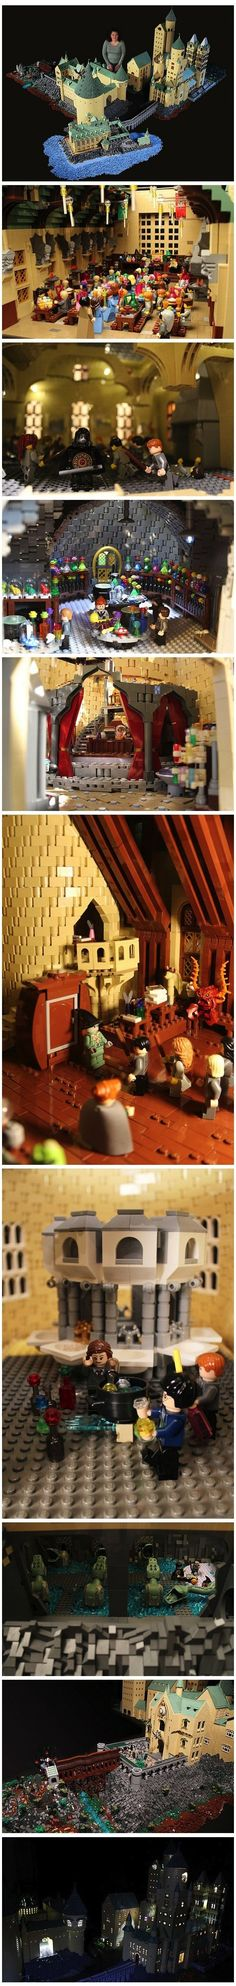 Hogwarts aus 400.000 Legosteinen mit viel Liebe zum Detail nachbauen | Webfail - Fail Bilder und Fail Videos